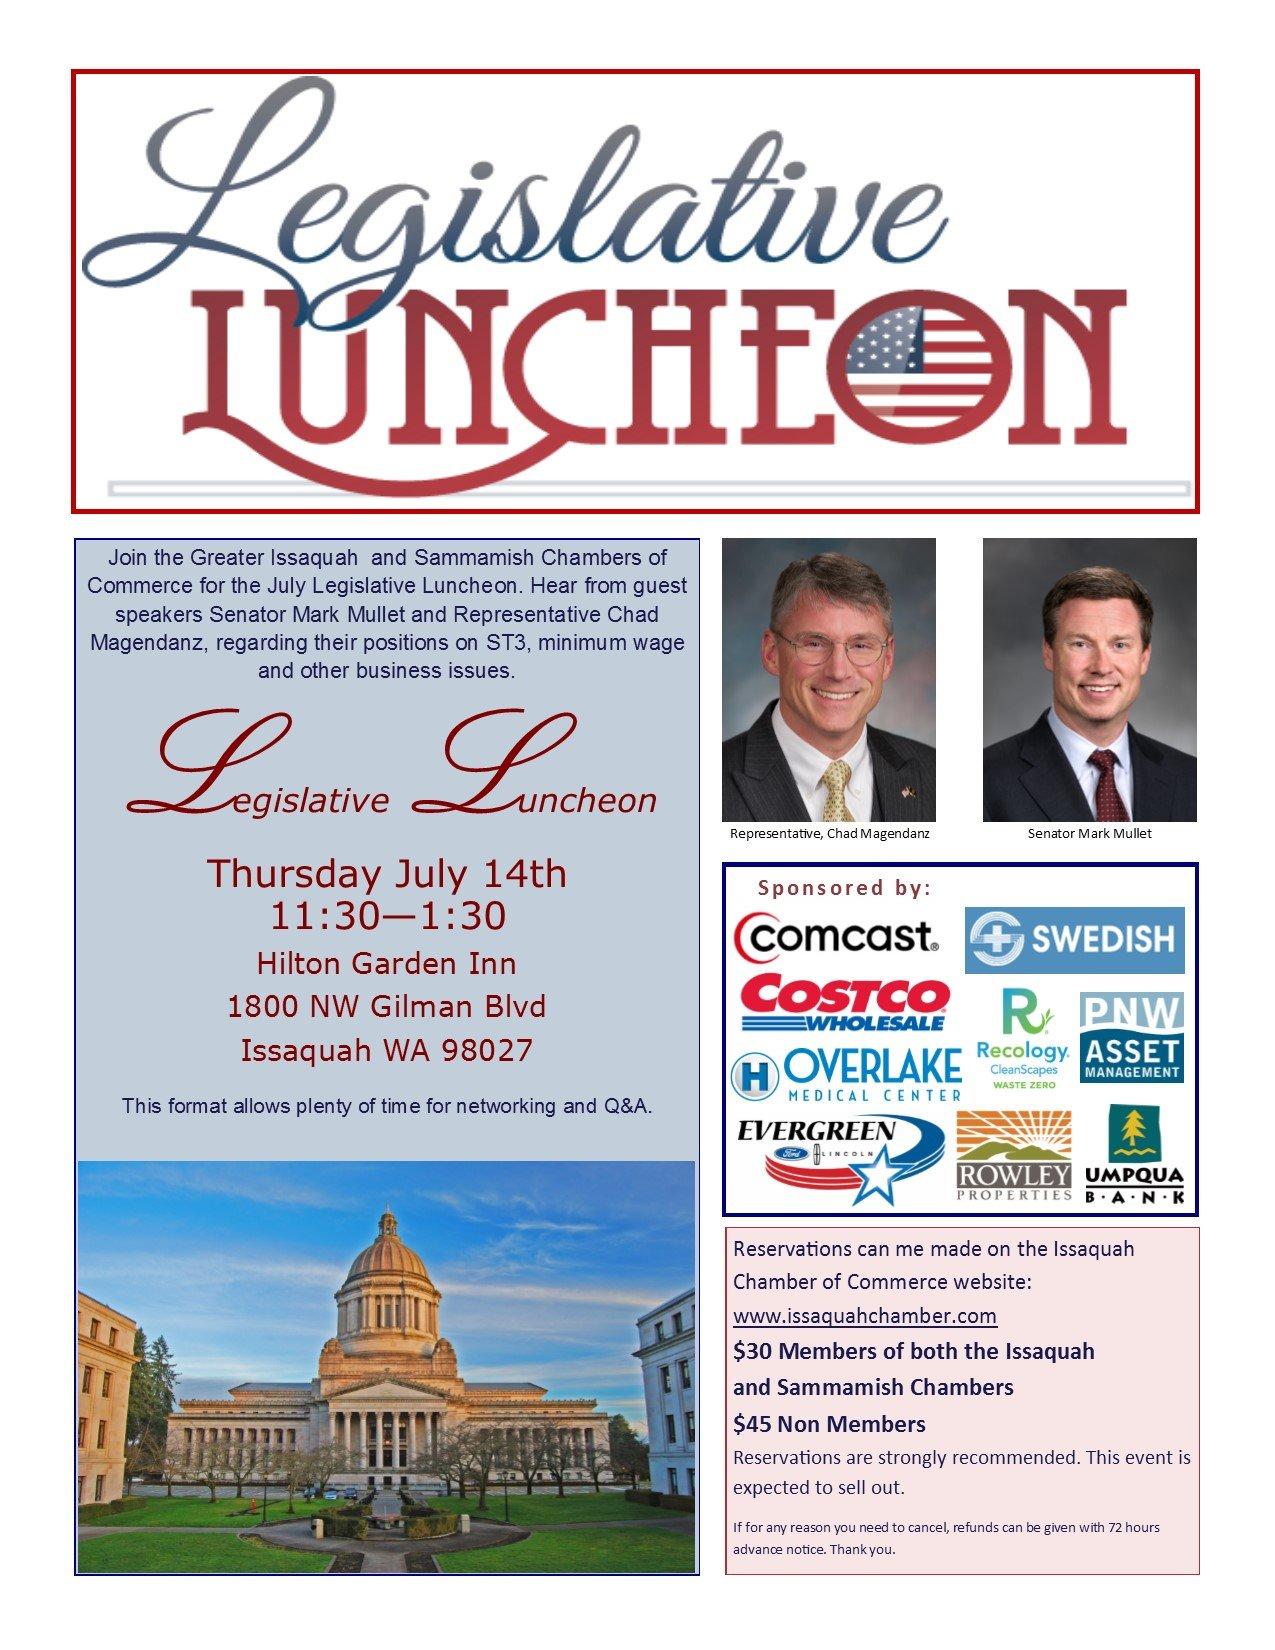 Legislative luncheon flyer